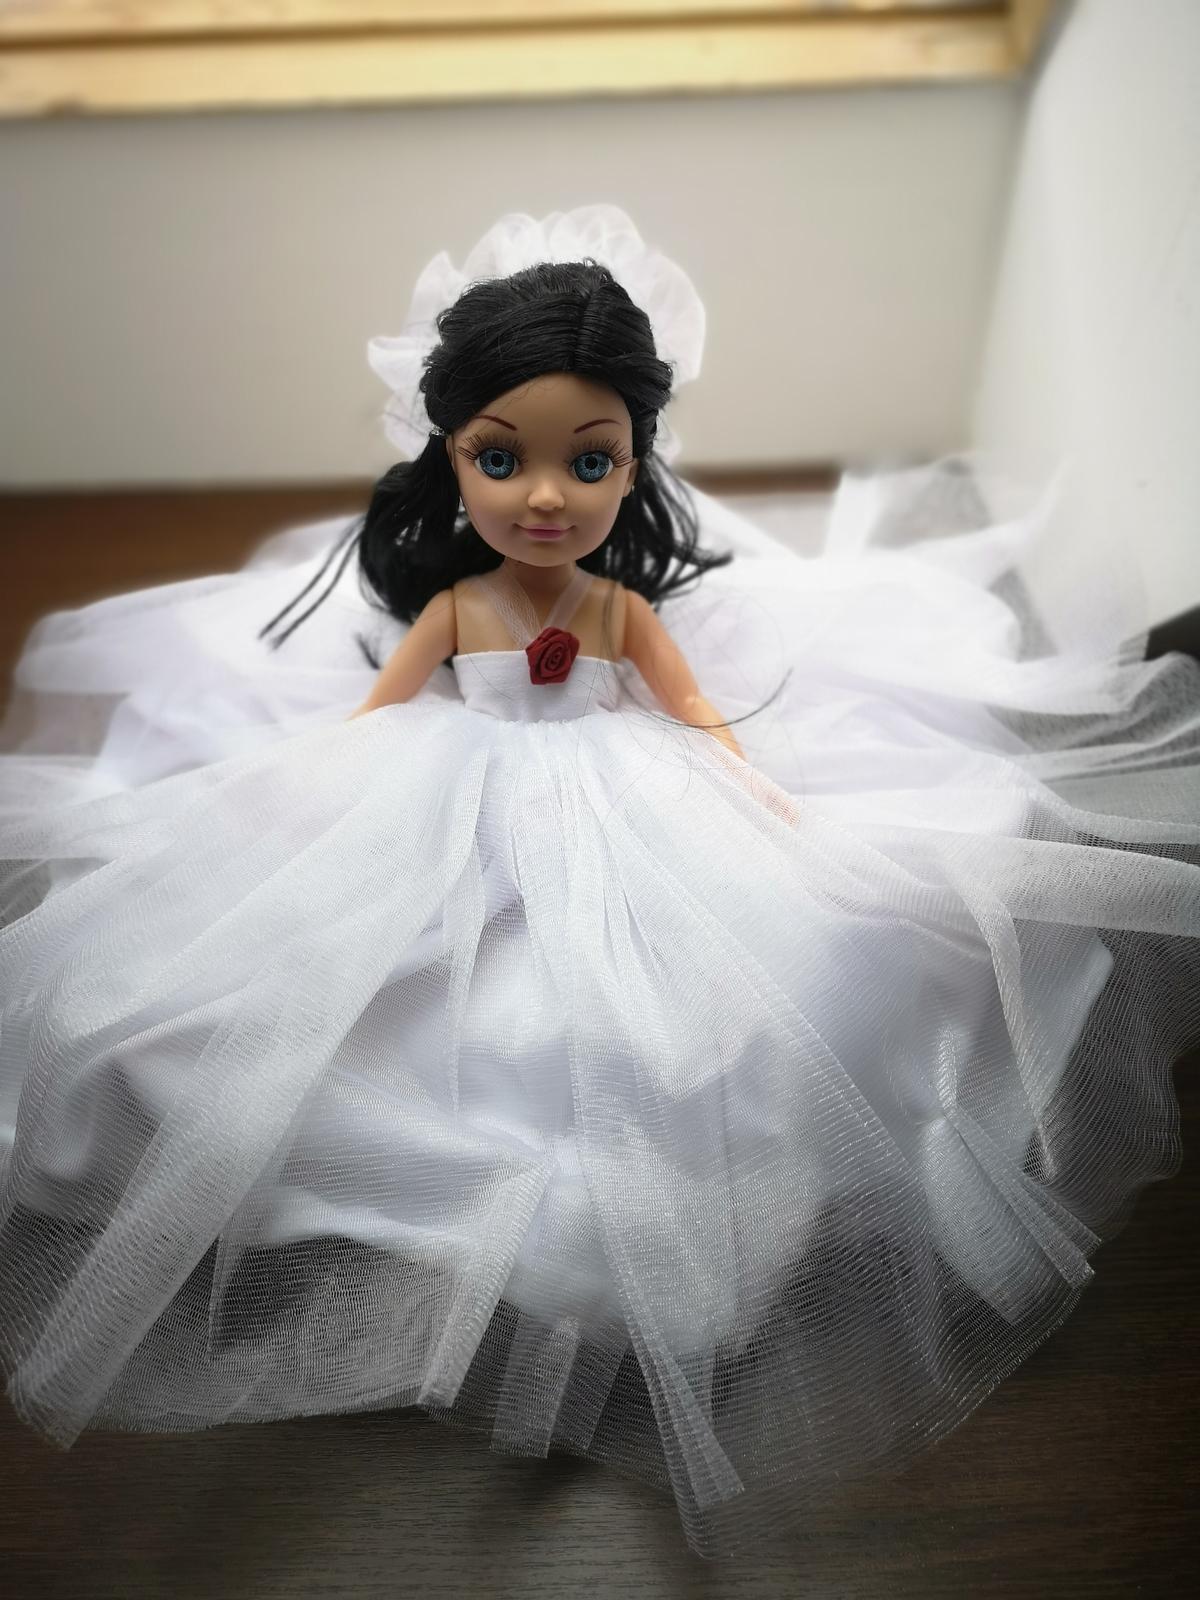 Svatební panenka na auto na polštářku - Obrázek č. 1